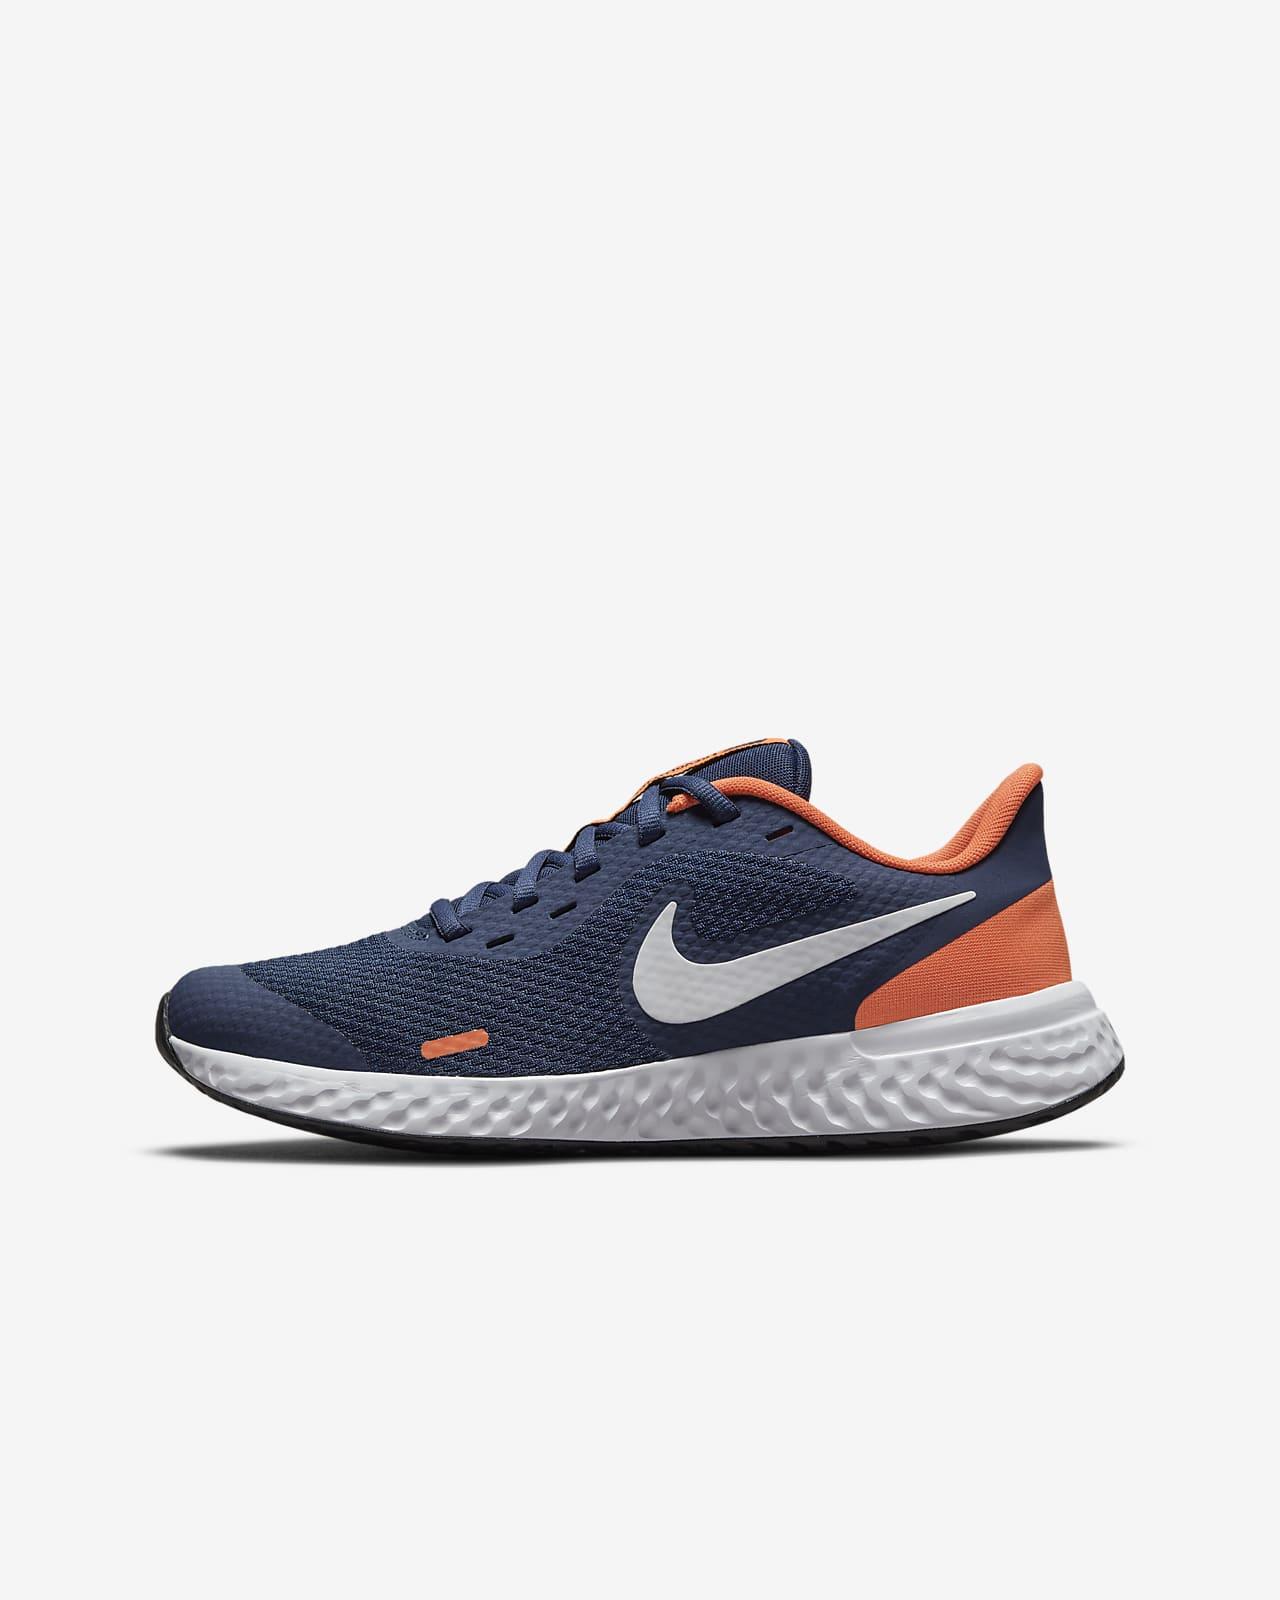 Buty do biegania po asfalcie dla dużych dzieci Nike Revolution 5